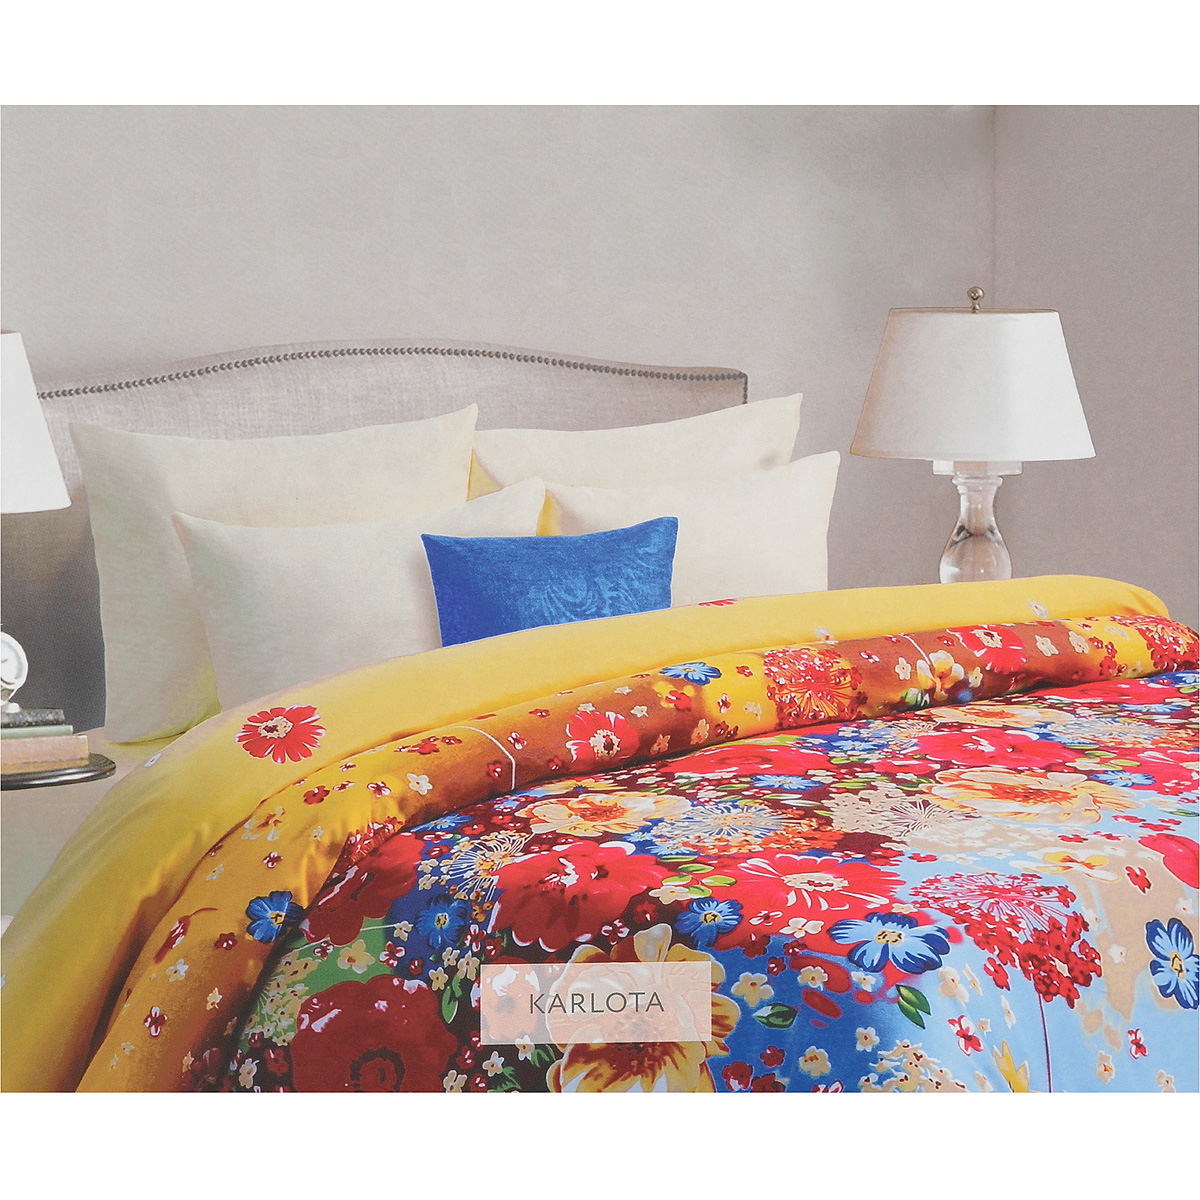 Комплект белья Mona Liza Karlota, 2-спальный, наволочки 50х70, цвет: желтый, голубой. 562205/5391602Комплект белья Mona Liza Karlota, выполненный из батиста (100% хлопок), состоит из пододеяльника, простыни и двух наволочек. Изделия оформлены красивым цветочным рисунком. Батист - тонкая, легкая натуральная ткань полотняного переплетения. Ткань с незначительной сминаемостью, хорошо сохраняющая цвет при стирке, легкая, с прекрасными гигиеническими показателями.В комплект входит: Пододеяльник - 1 шт. Размер: 175 см х 210 см. Простыня - 1 шт. Размер: 215 см х 240 см. Наволочка - 2 шт. Размер: 50 см х 70 см. Рекомендации по уходу: - Ручная и машинная стирка 40°С, - Гладить при температуре не более 150°С, - Не использовать хлорсодержащие средства, - Щадящая сушка, - Не подвергать химчистке.